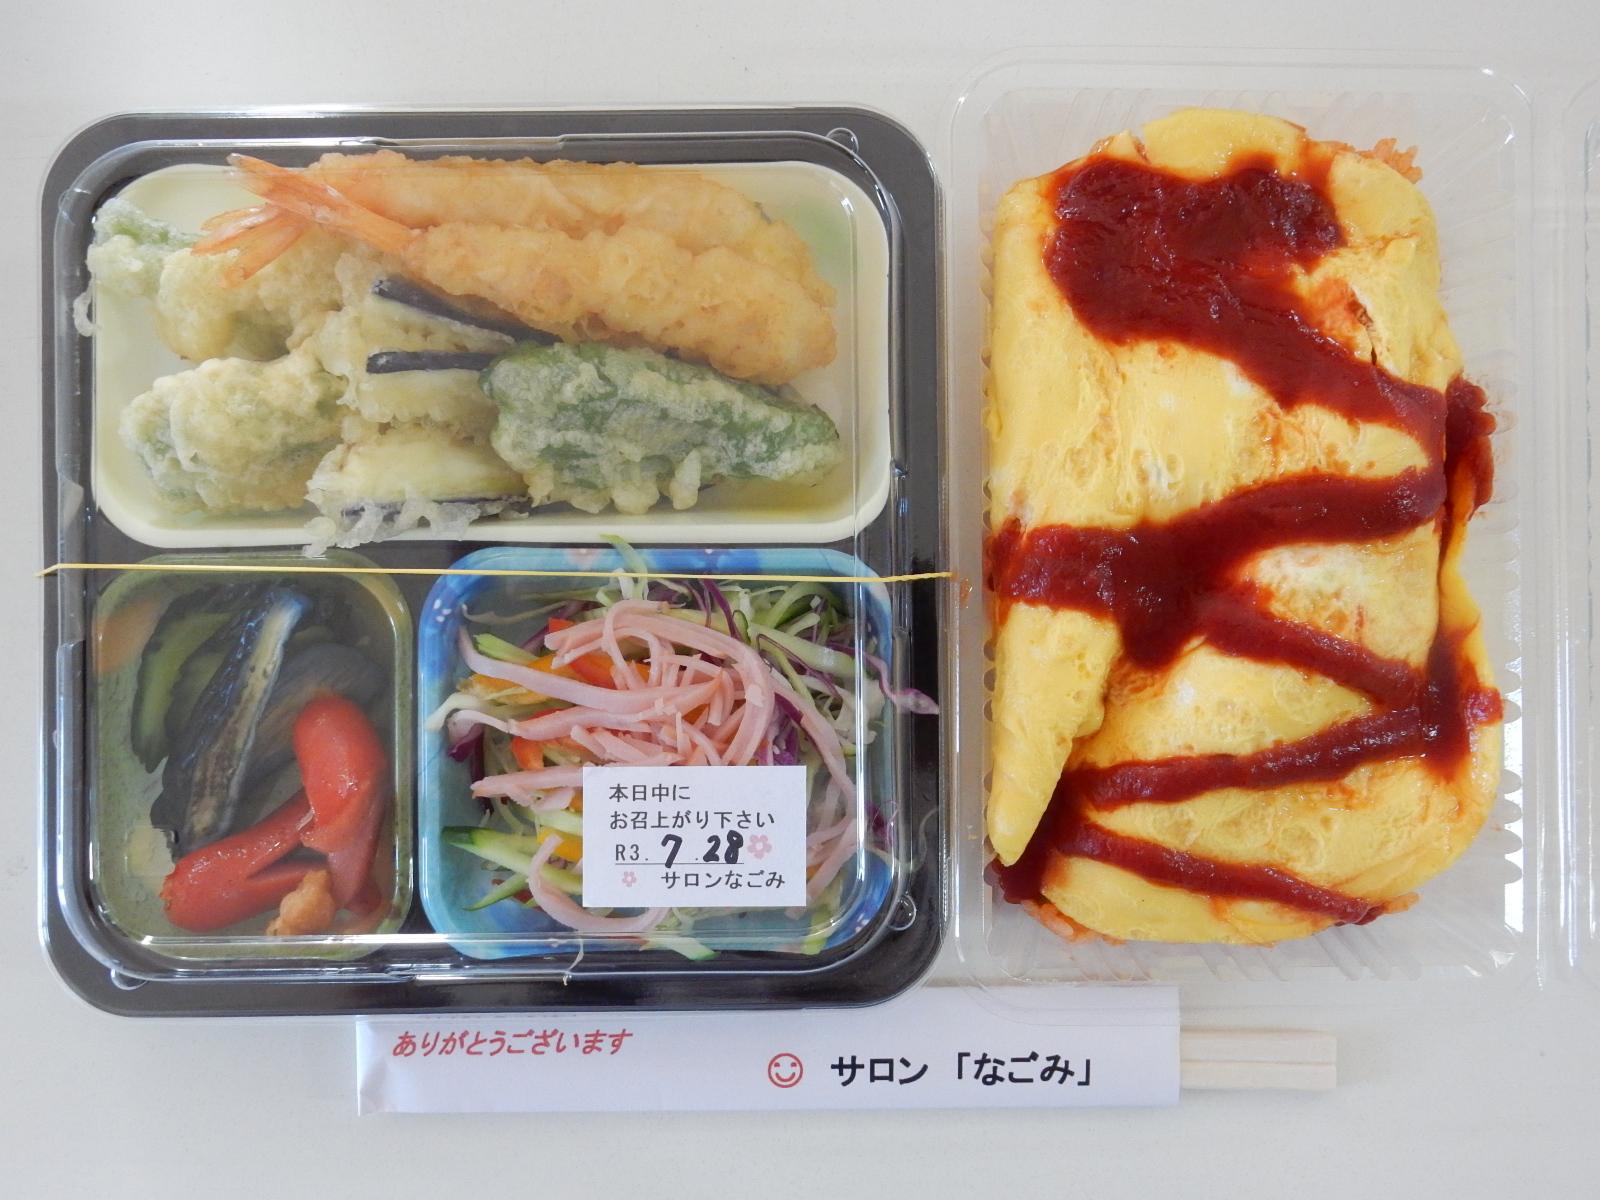 「サロンなごみ」本日の日替わり特別メニュー!(7/28)